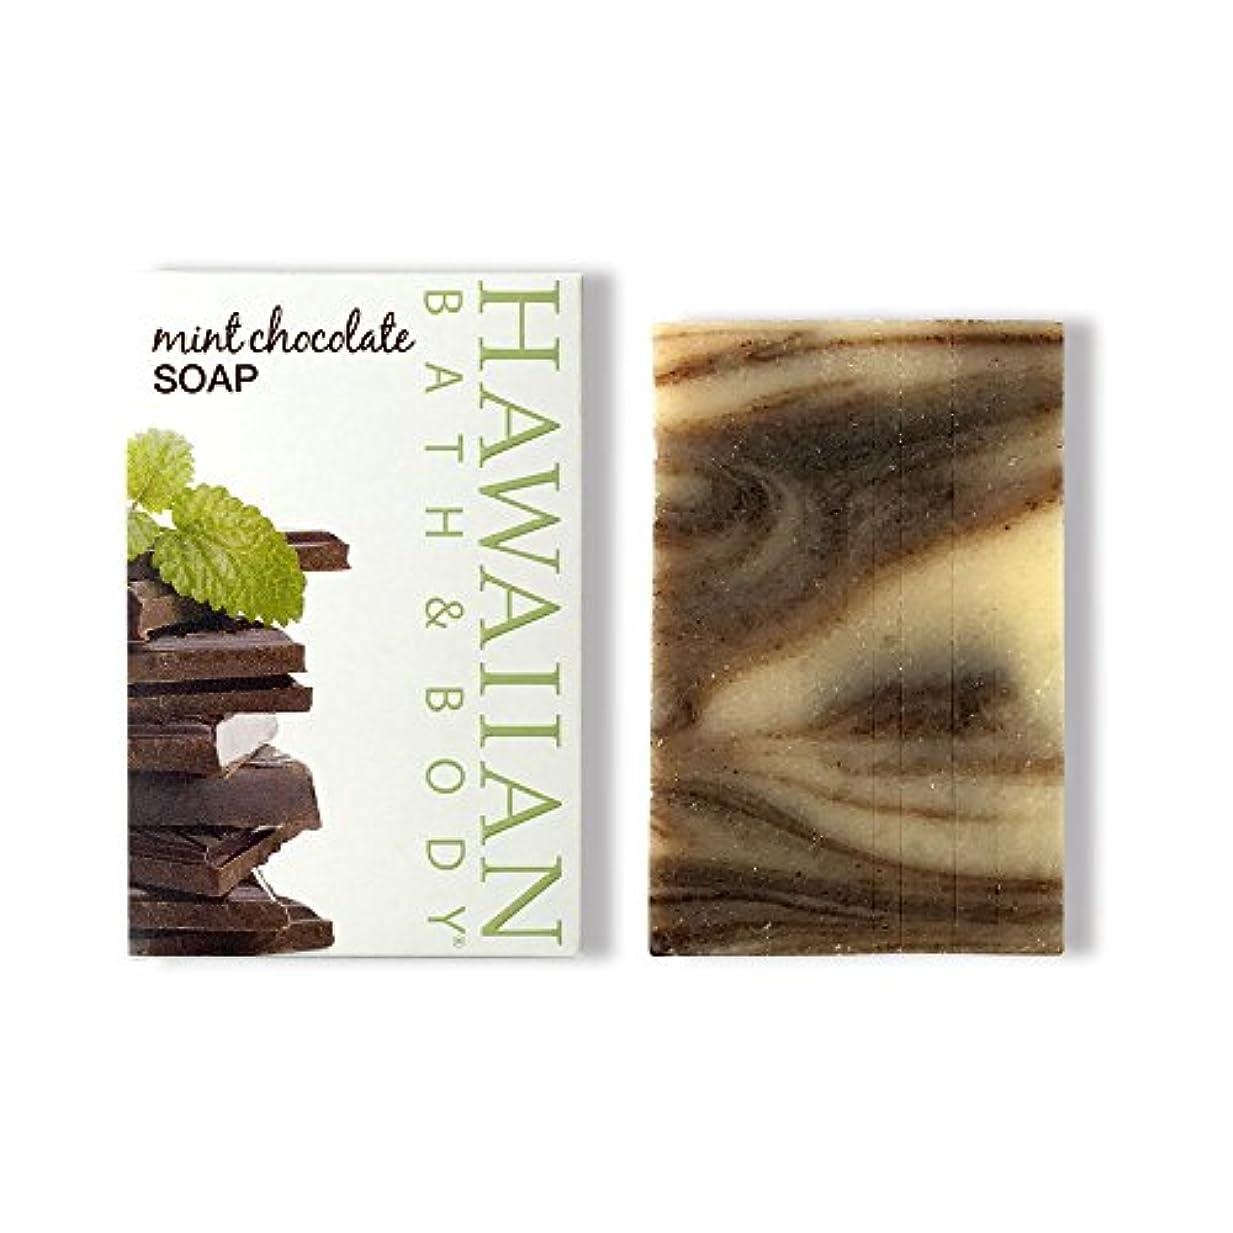 バンド聖書多分ハワイアンバス&ボディ ハワイアン?ミントチョコレートソープ ( Hawaii Mint Chocolate Soap )